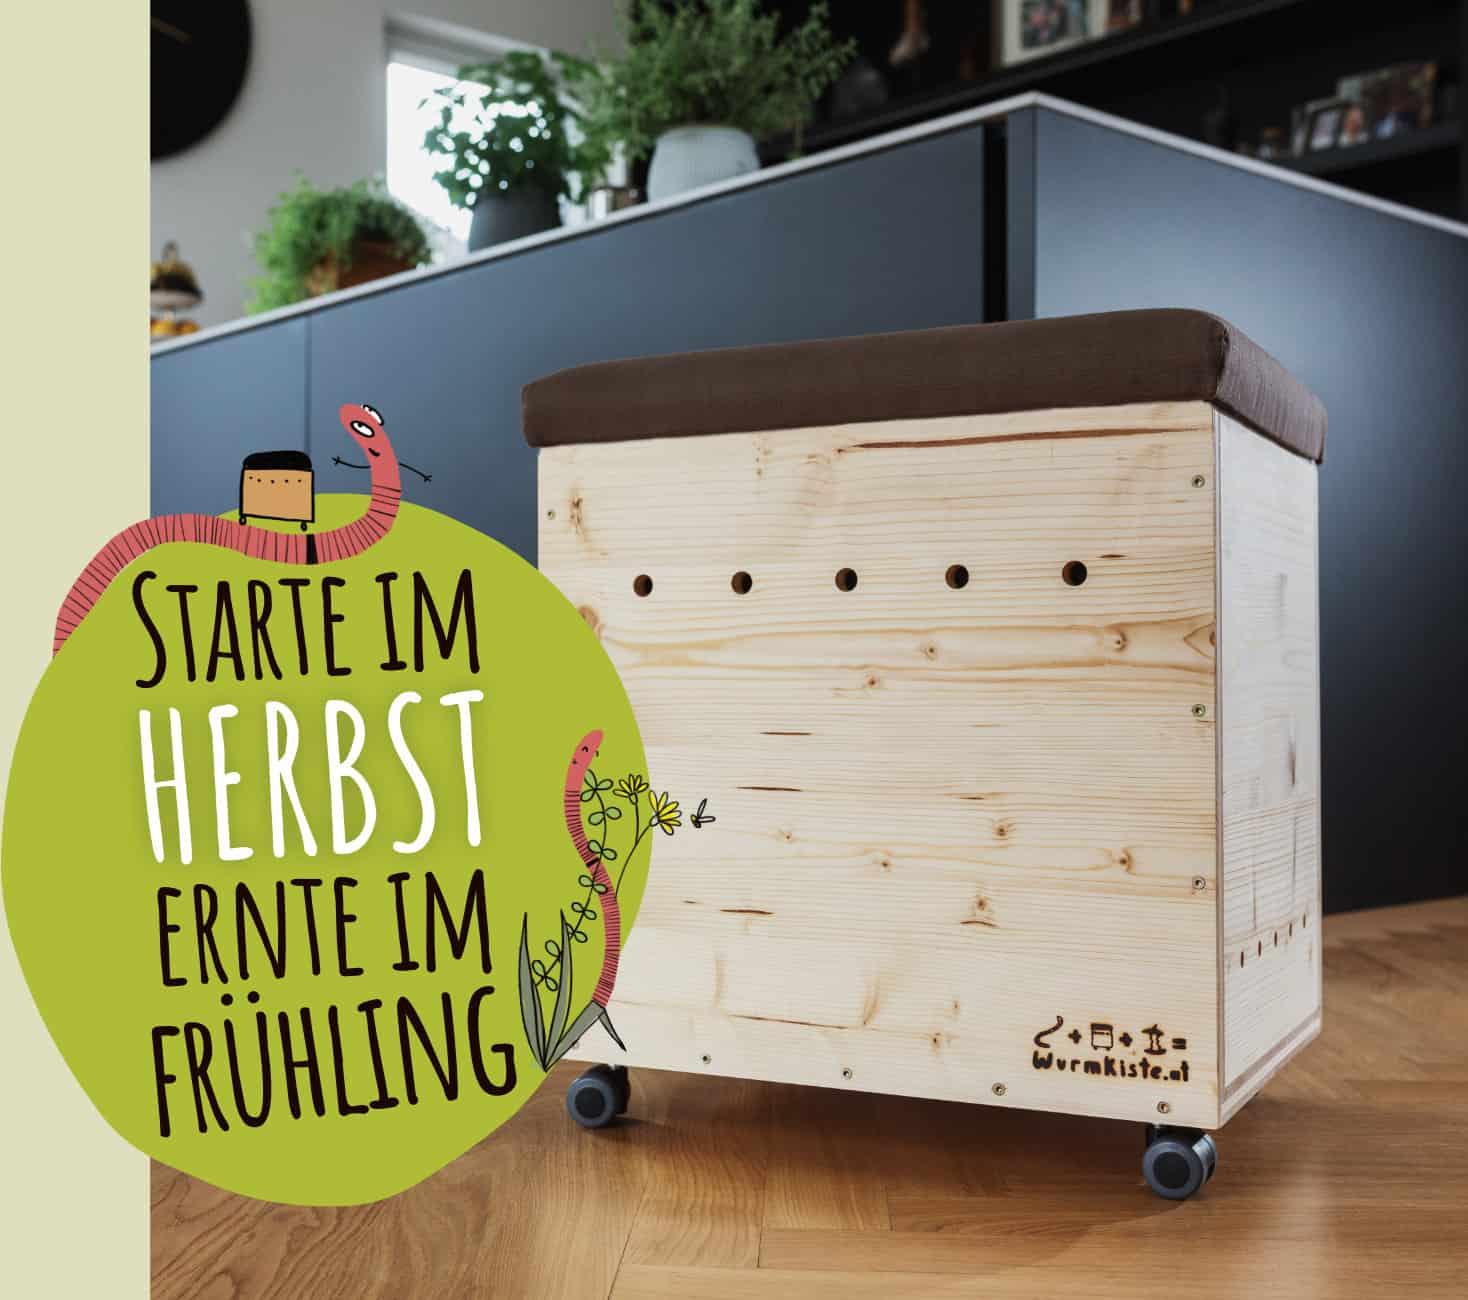 Wurmkiste.at Startseite Hero-Image Herbstzeit